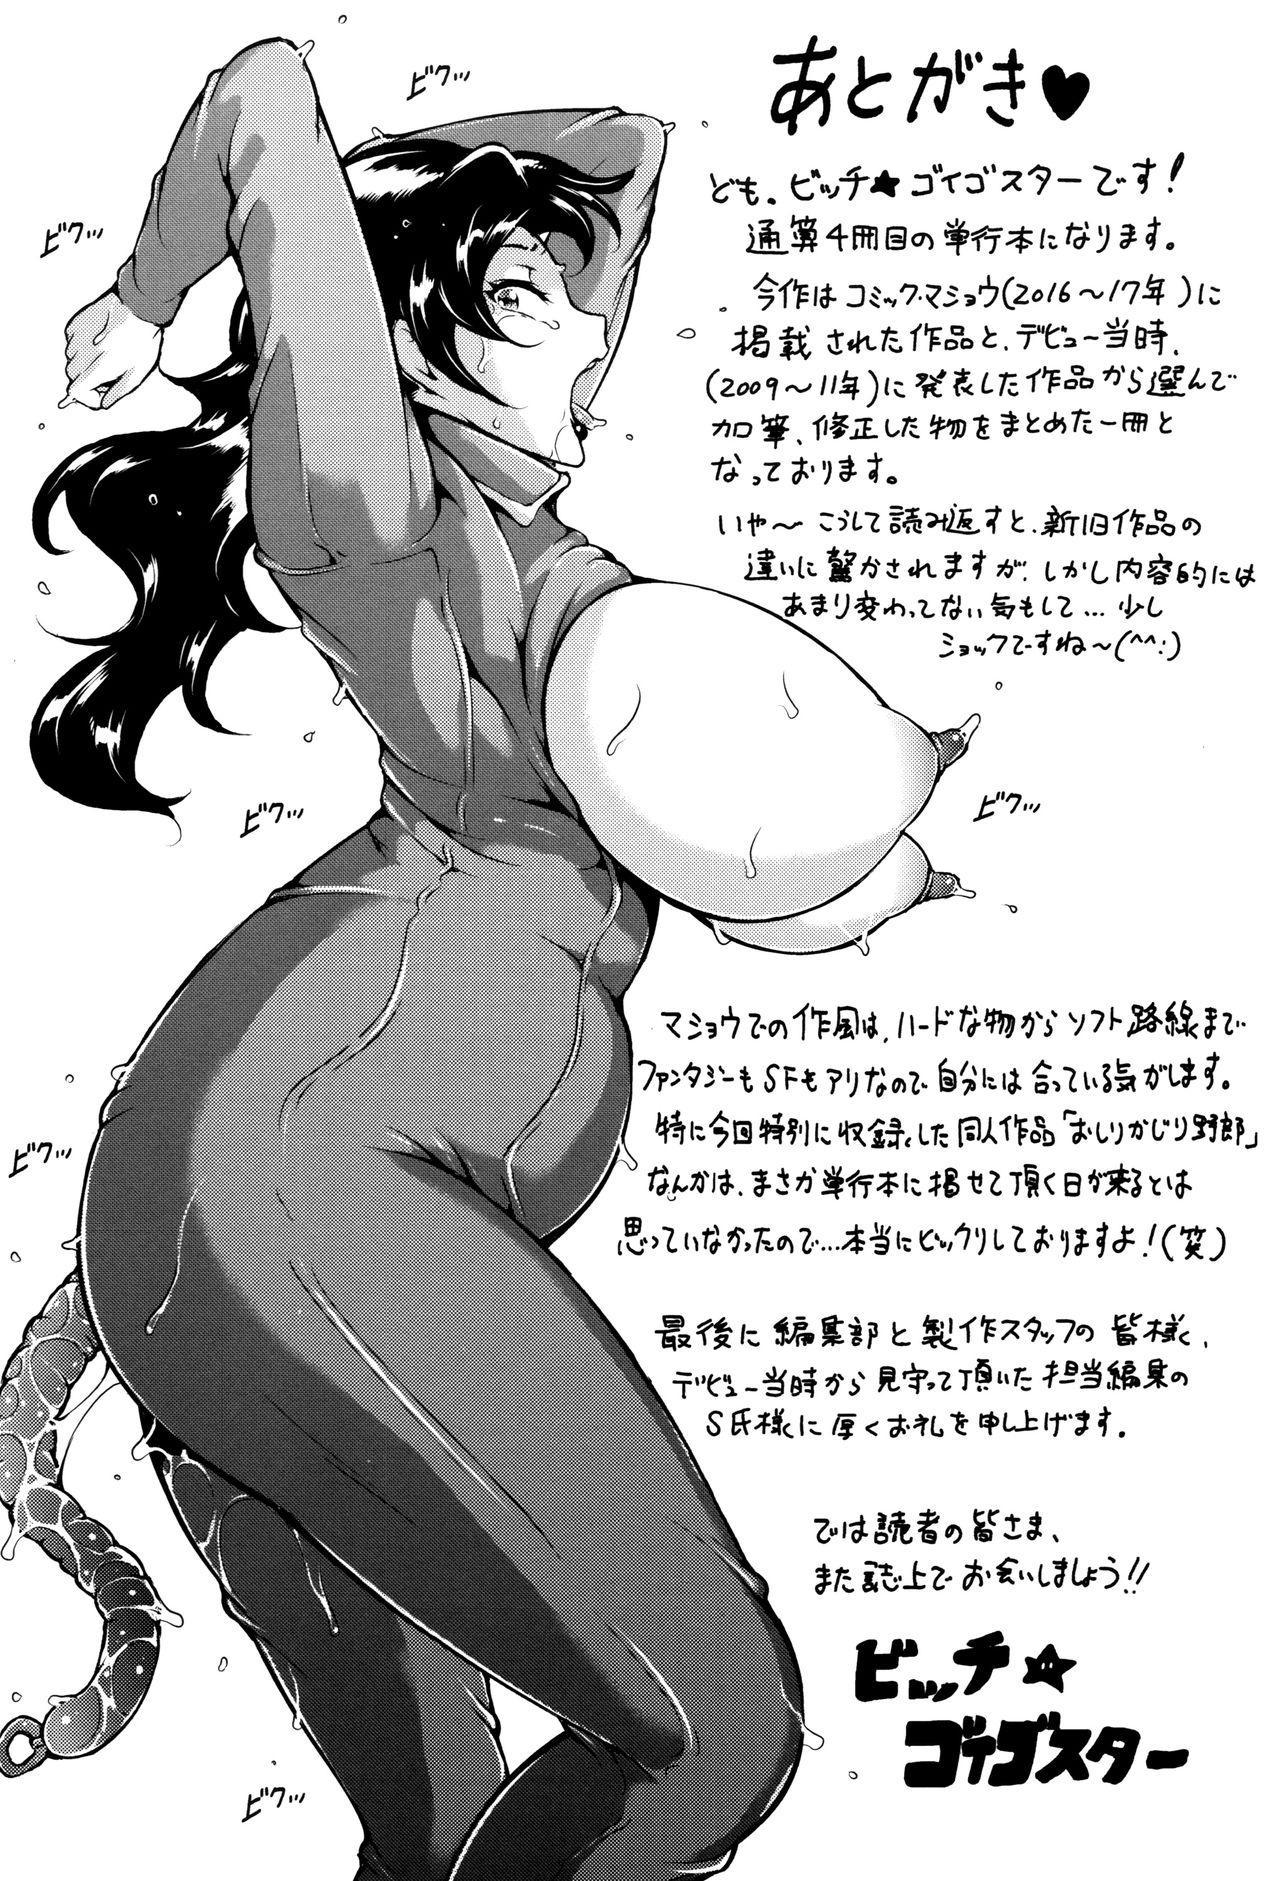 Ero BBA ♥ Dosukebe Ha Sengen 230